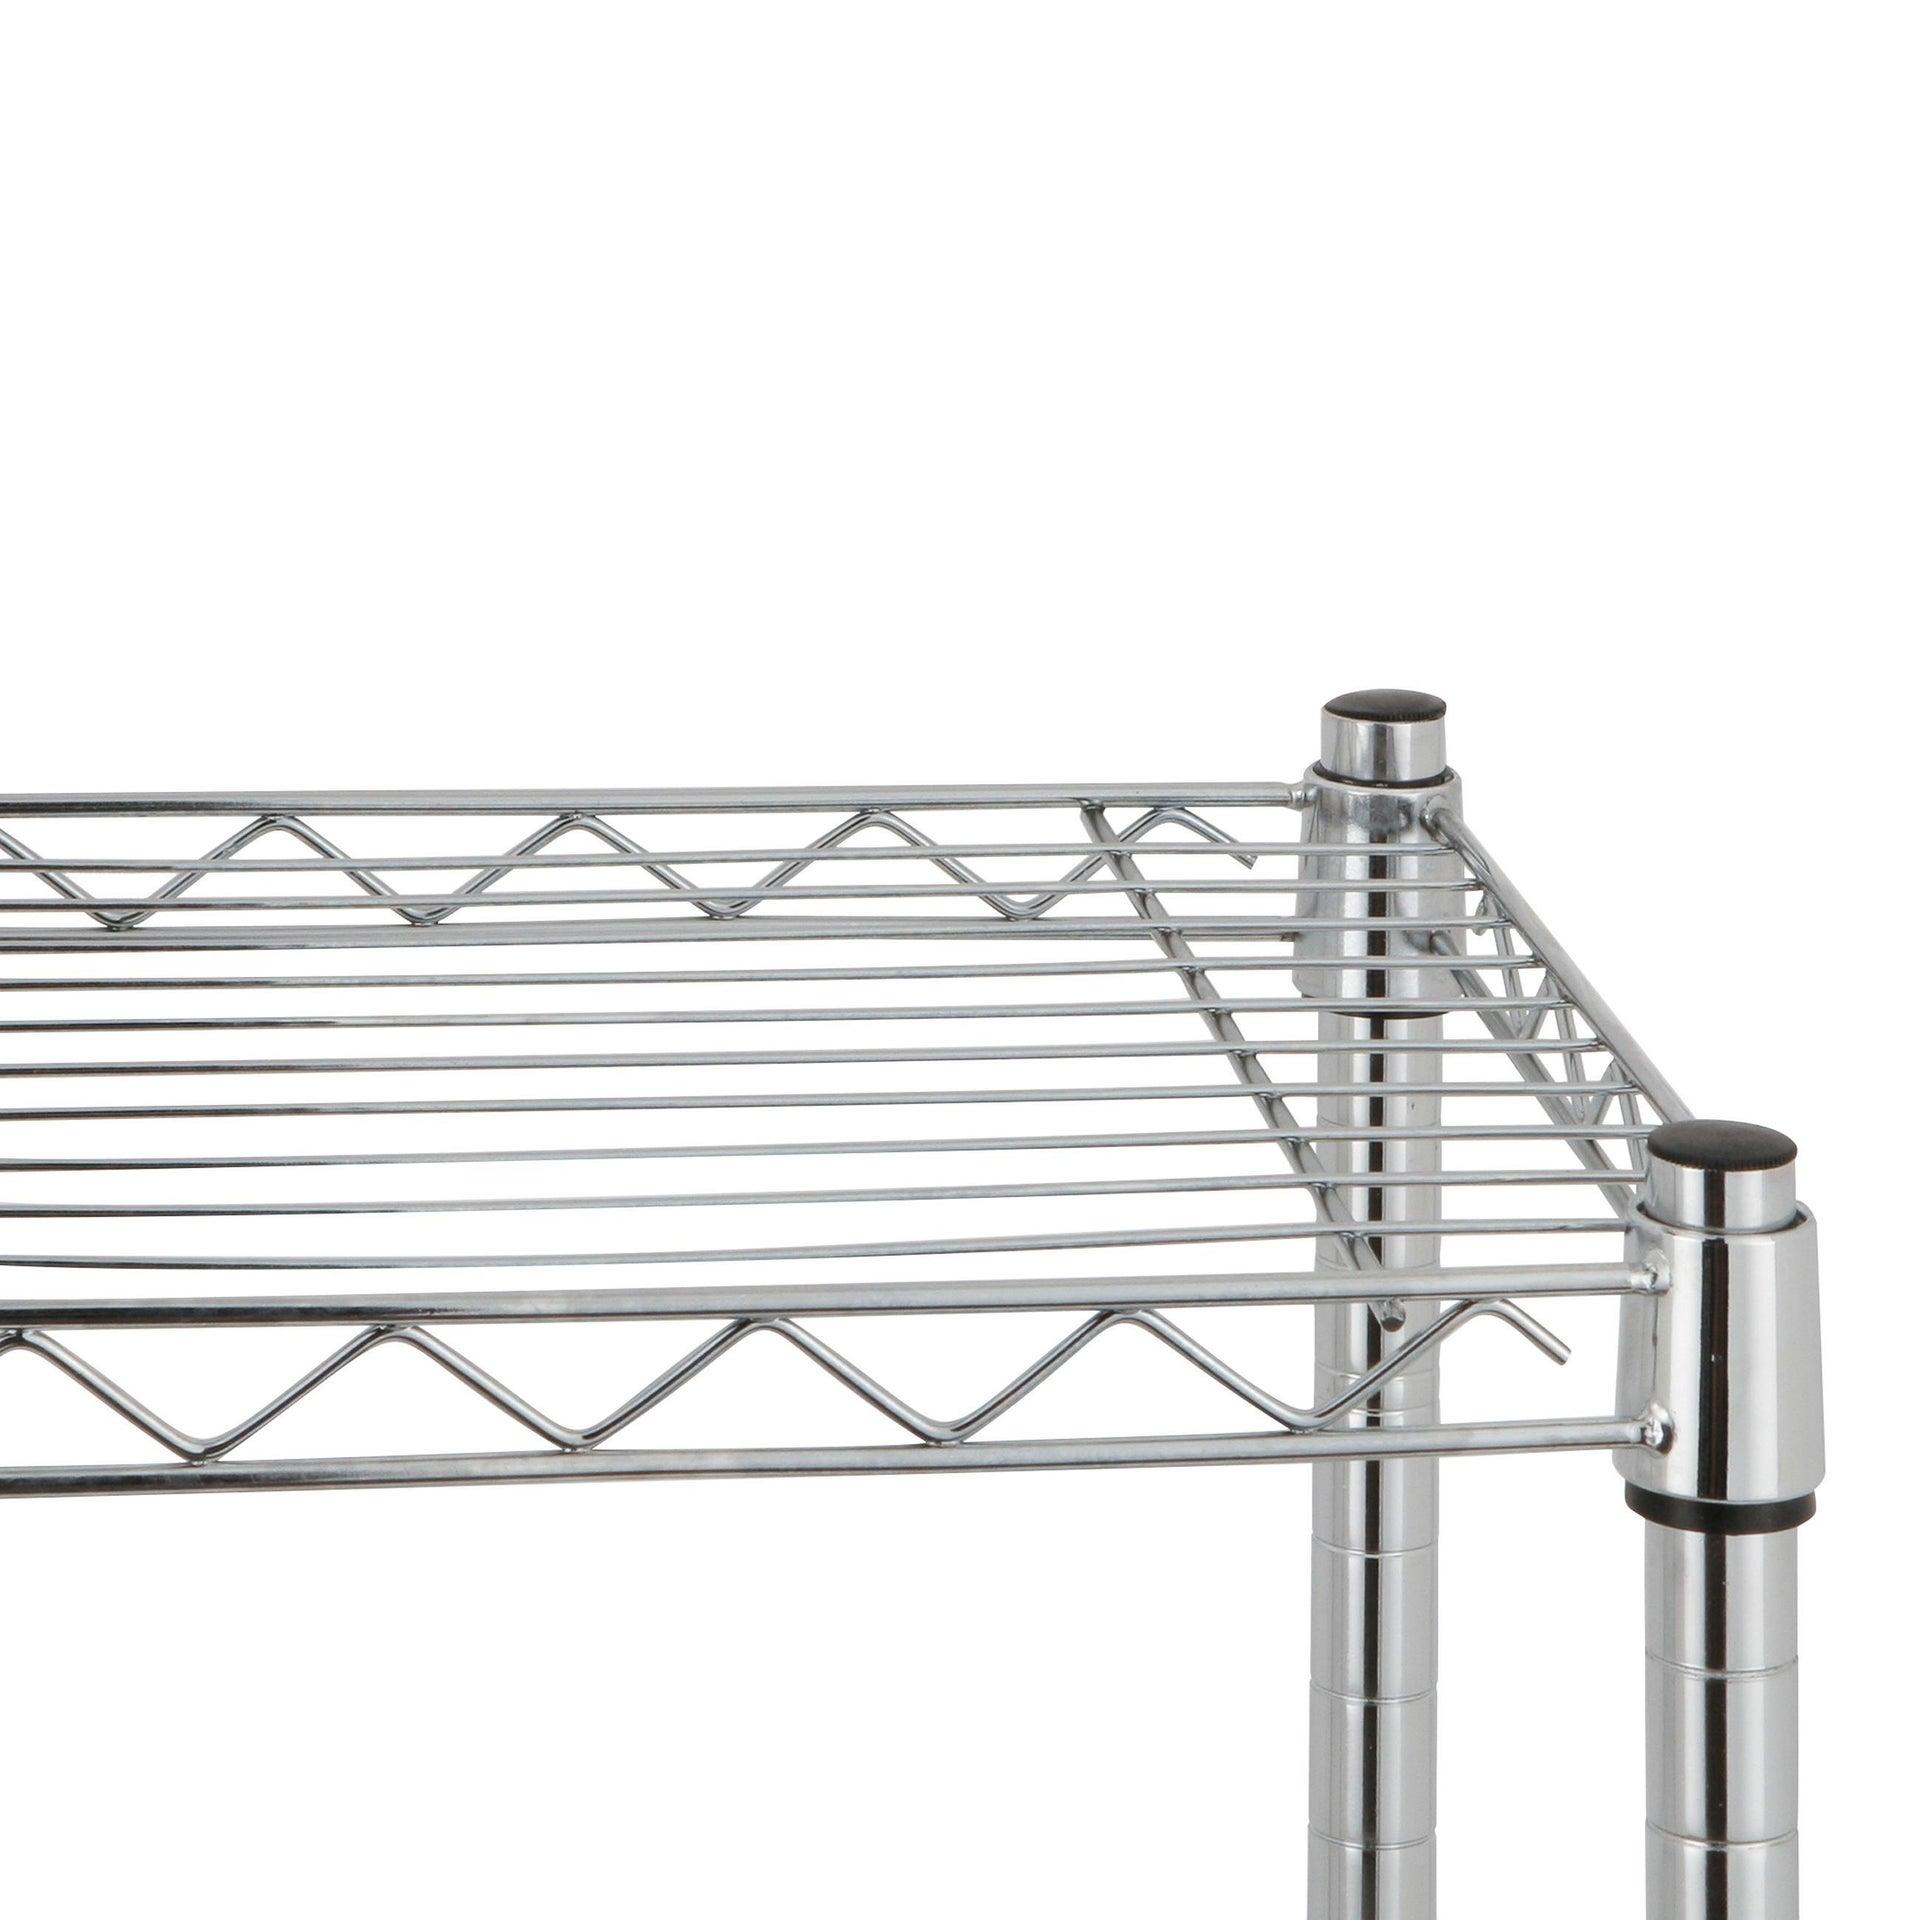 Scaffale in metallo Spaceo Chrome Style+ L 60 x P 35 x H 90 cm - 3